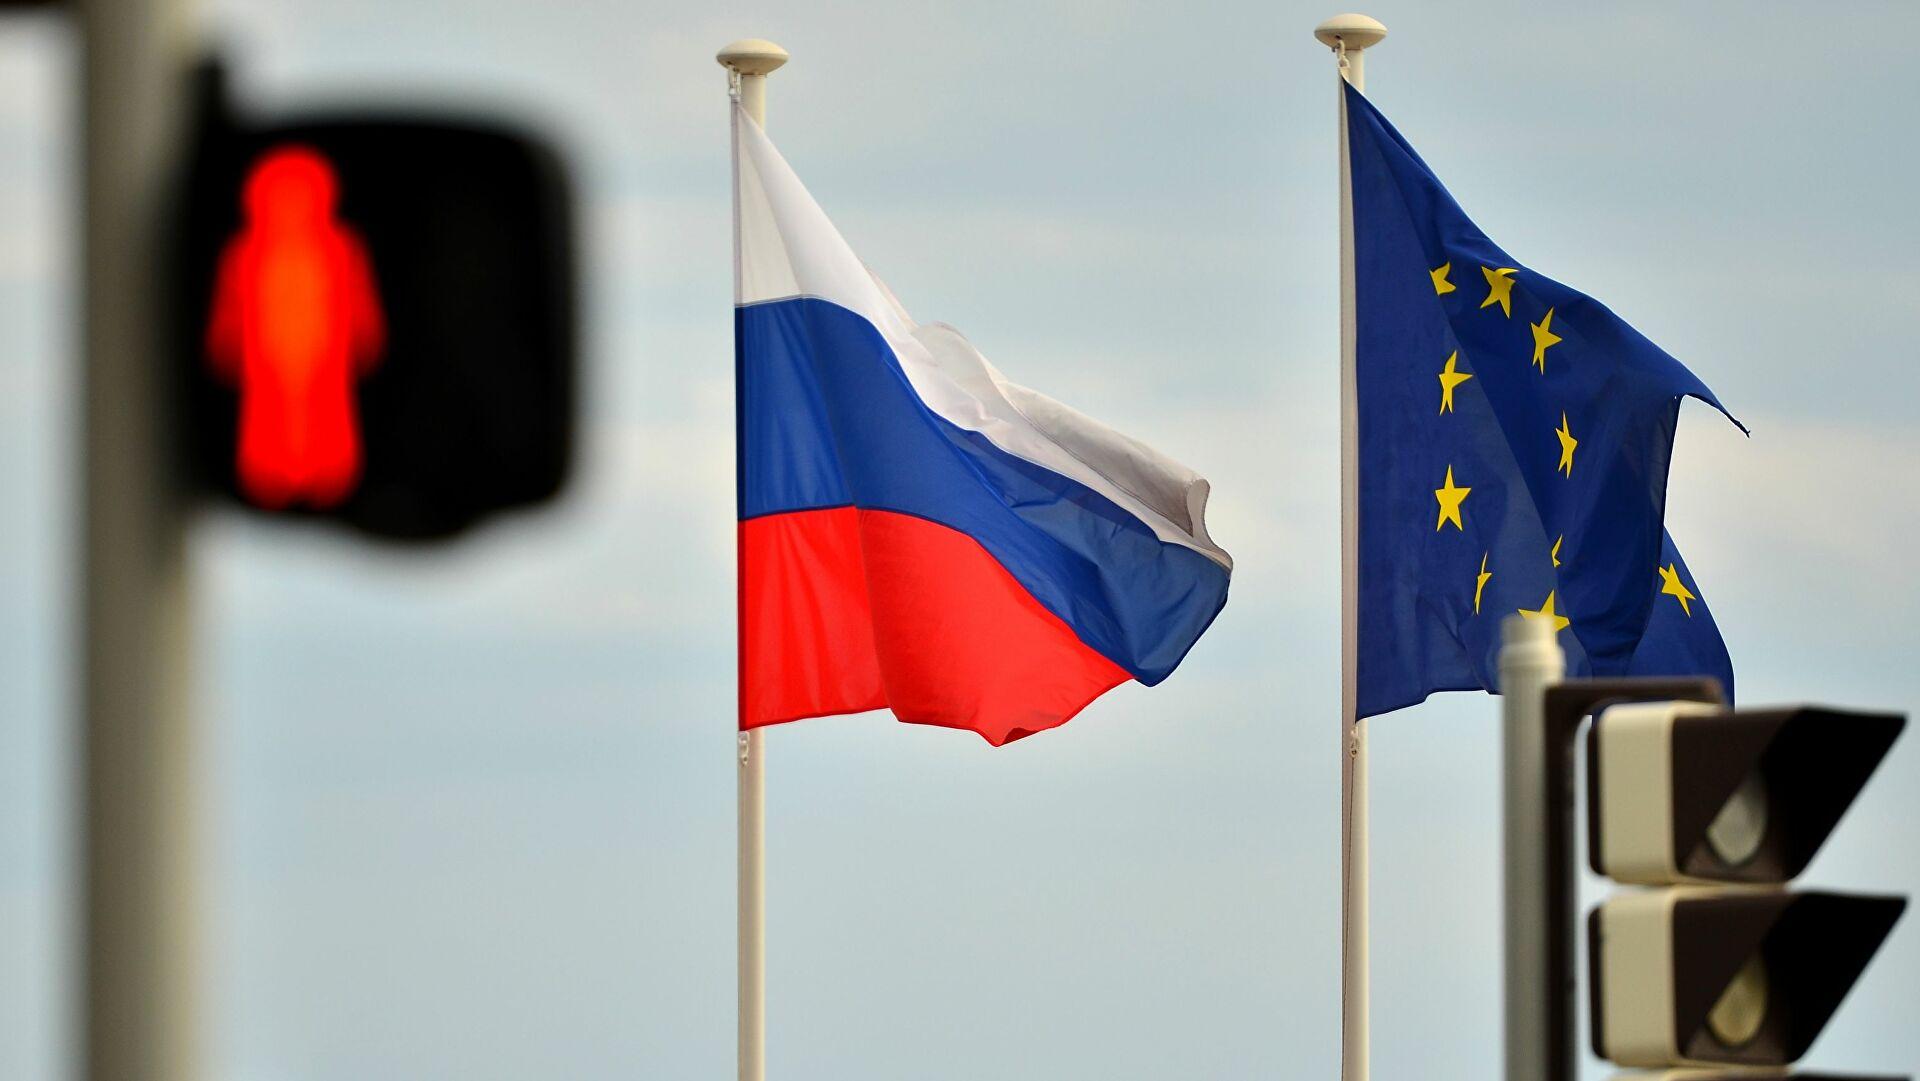 ЕУ: Руска влада покушава да угуши независну политичку опозицију